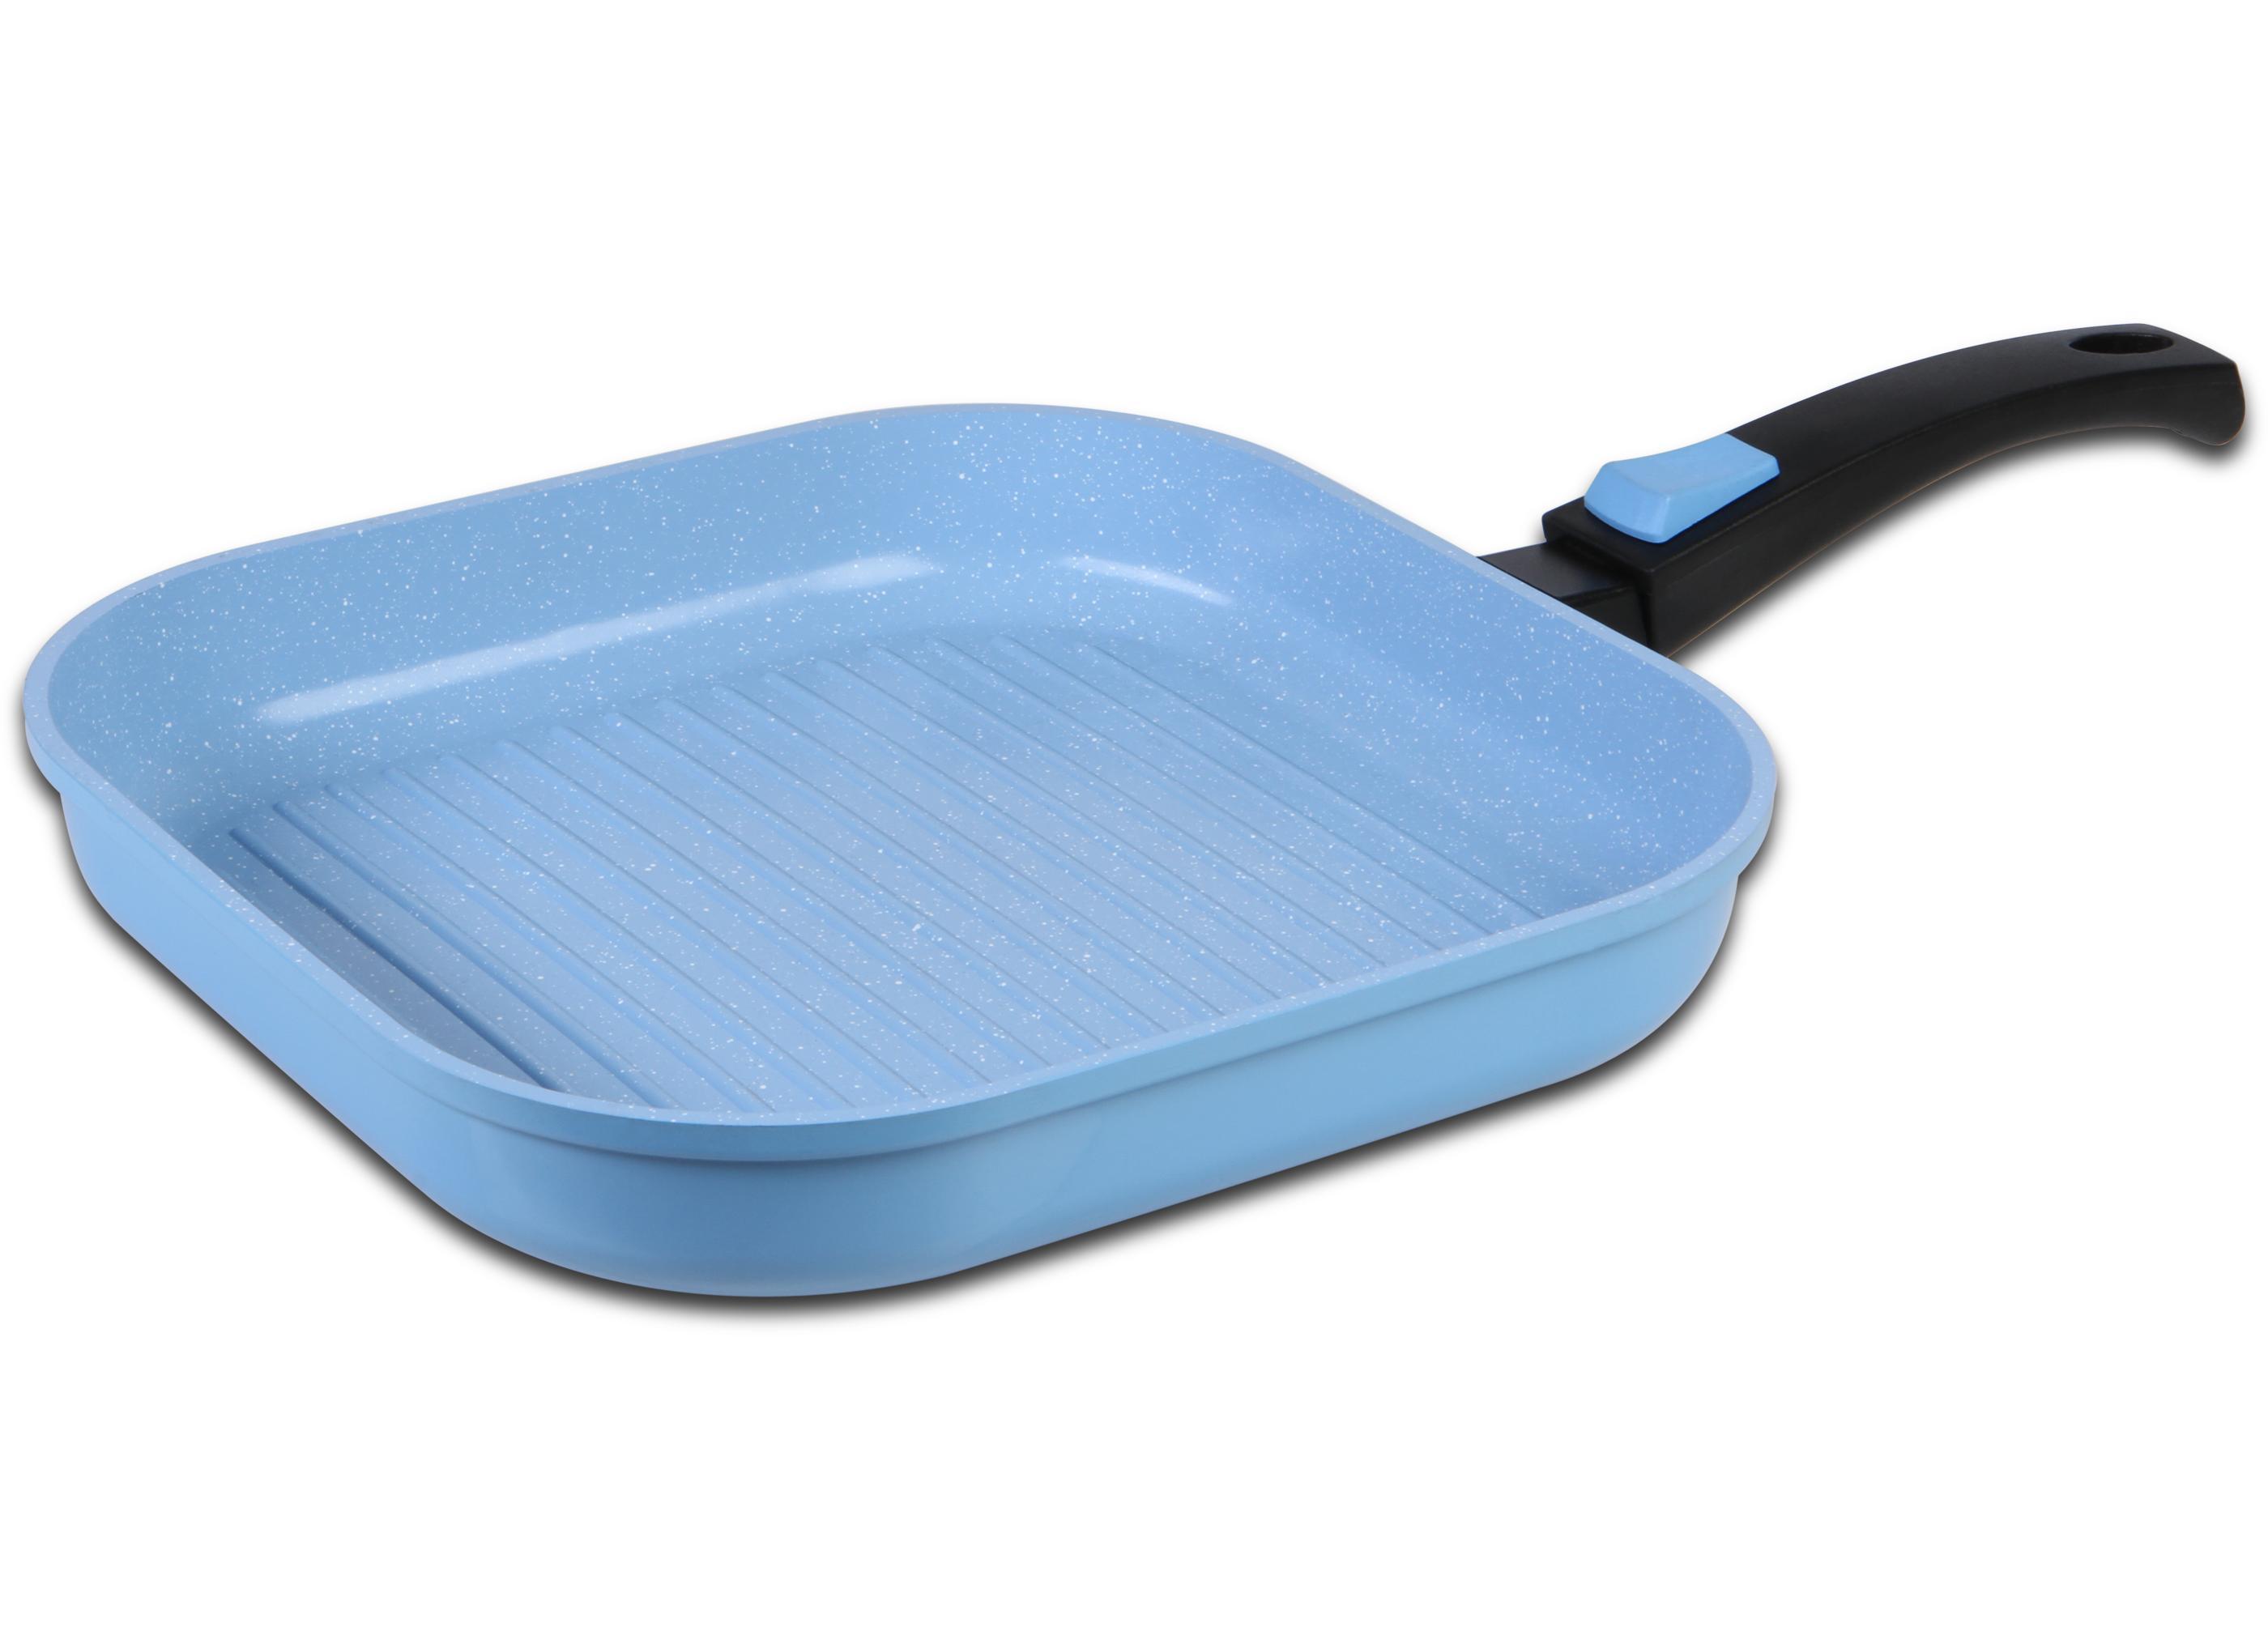 KING® Grillpfanne blau   Töpfe und Pfannen